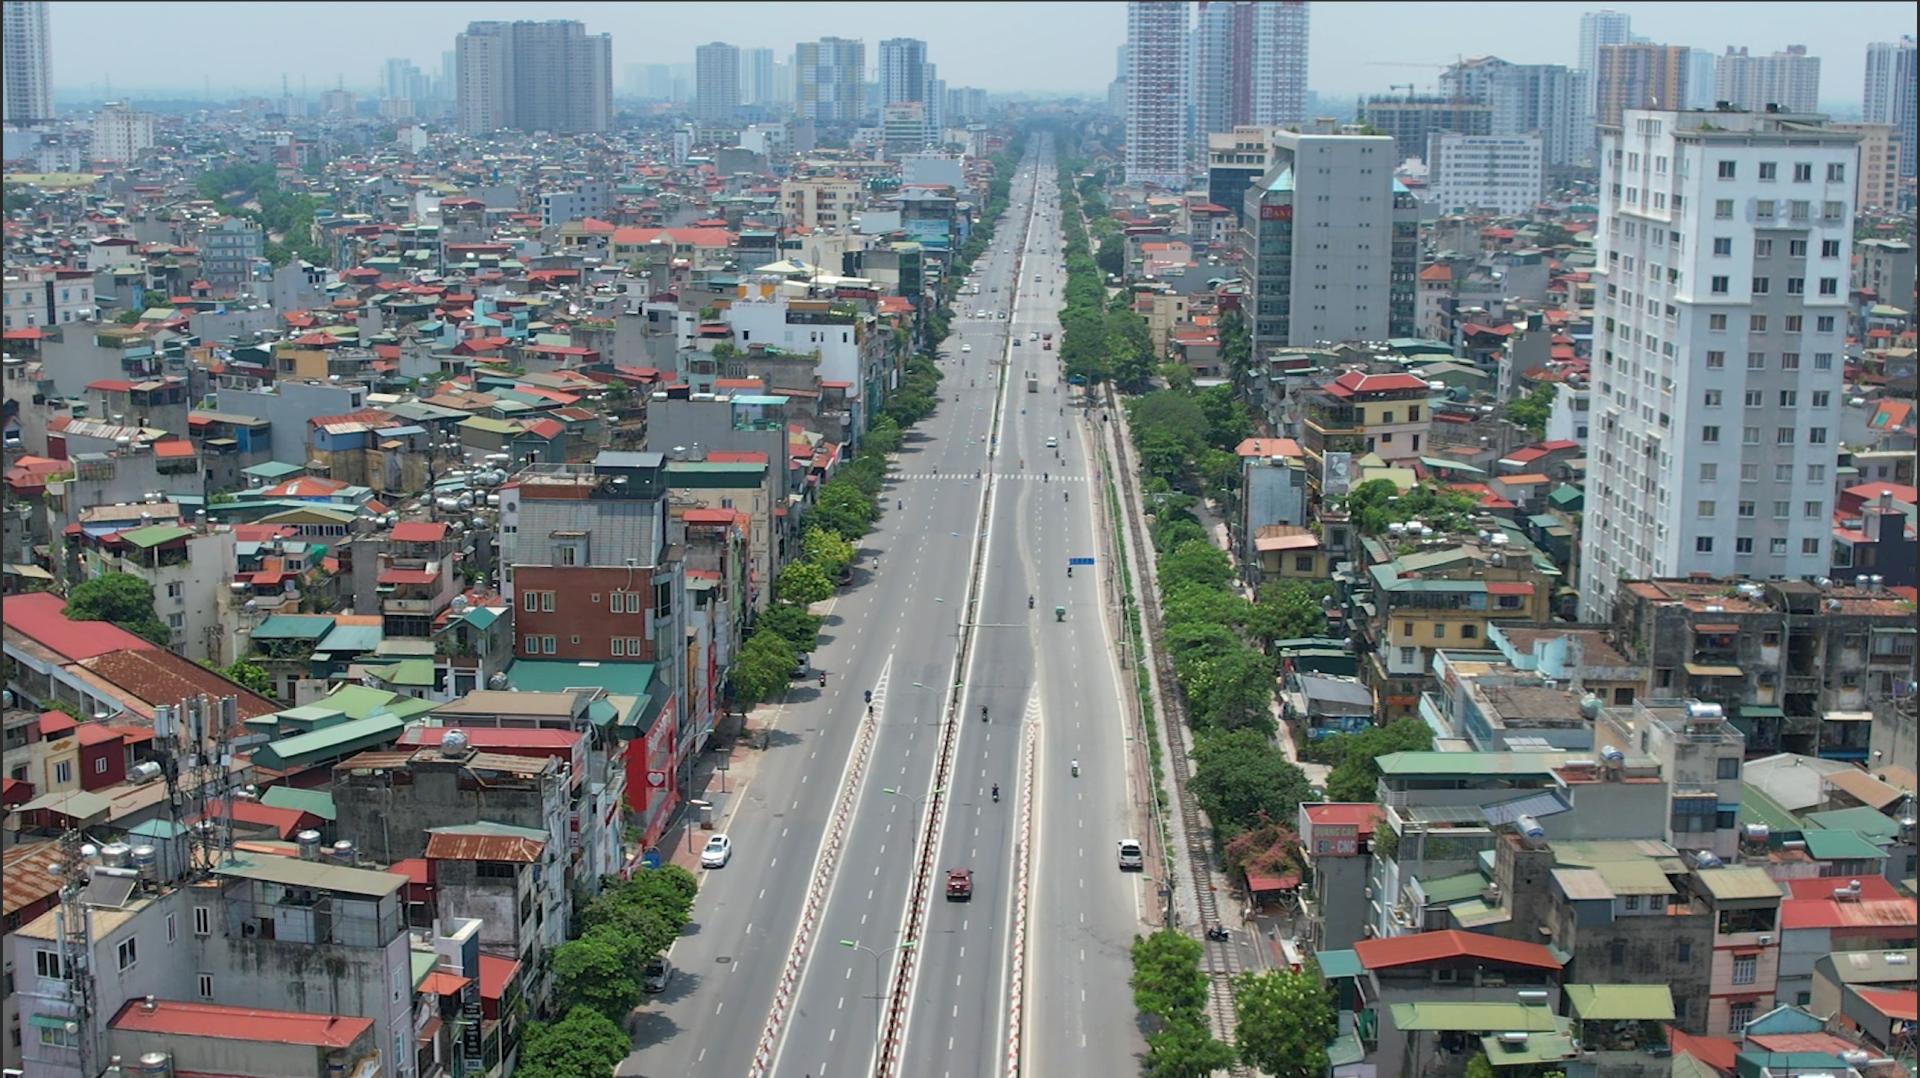 Thành ủy Hà Nội ra Nghị quyết về phát triển kinh tế - xã hội và đầu tư công trung hạn 5 năm 2021-2025